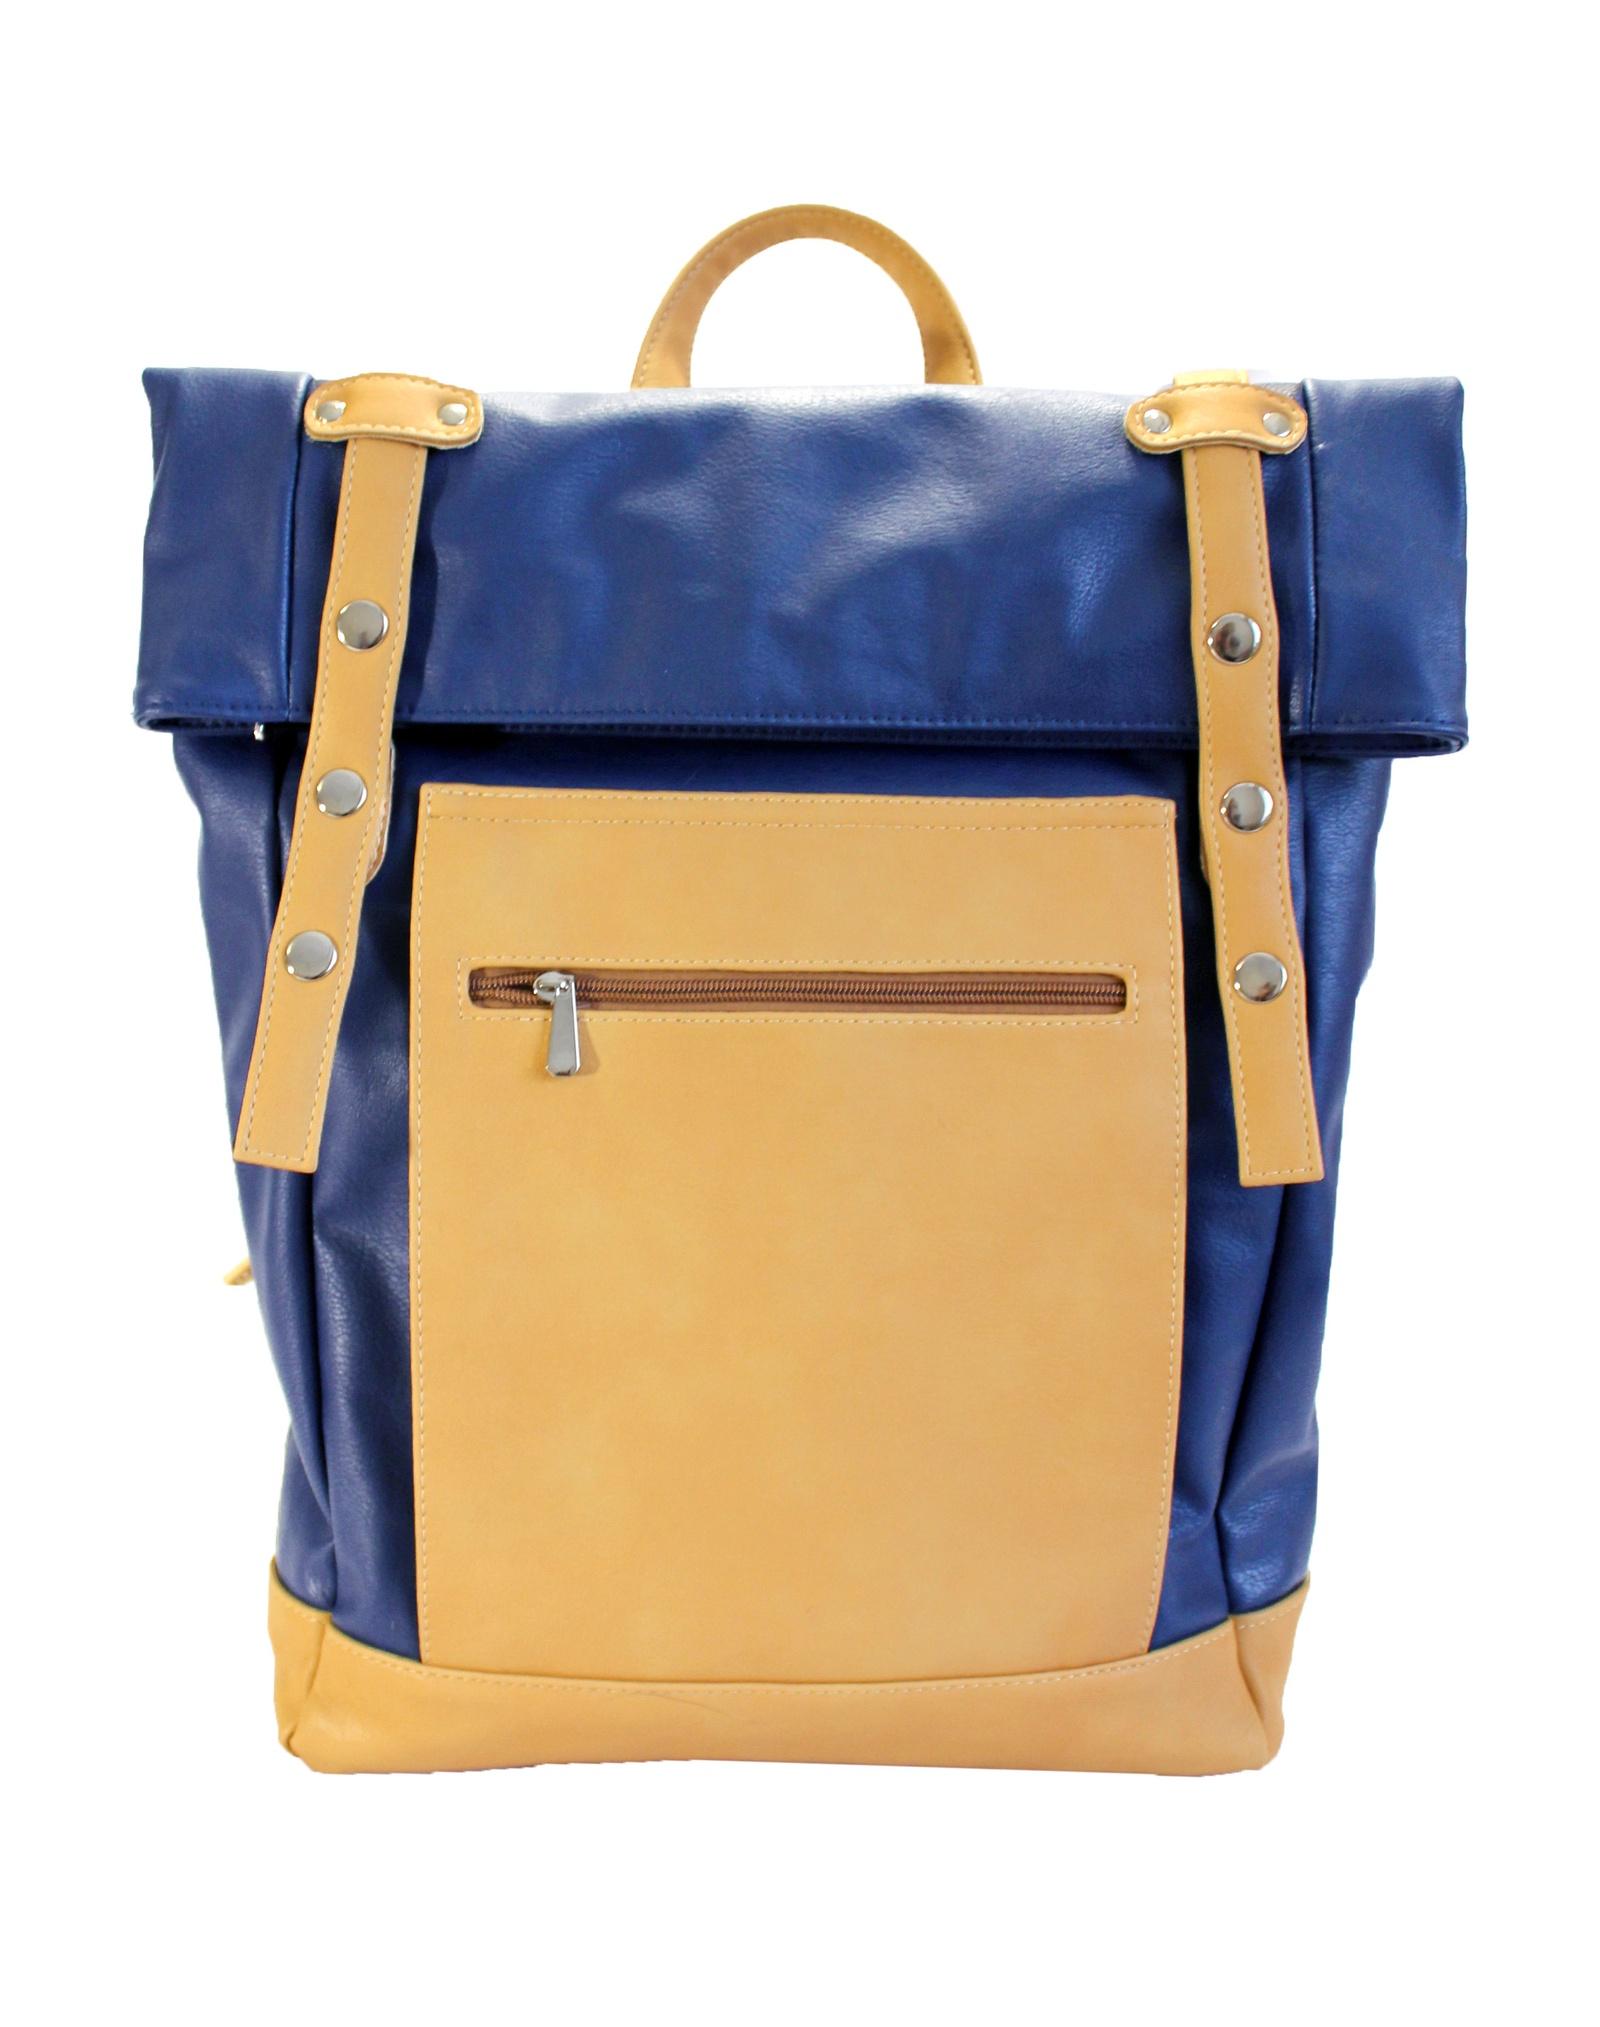 Рюкзак Chica Rica RollTop, светло-коричневый, синий рюкзак anteater rolltop acab